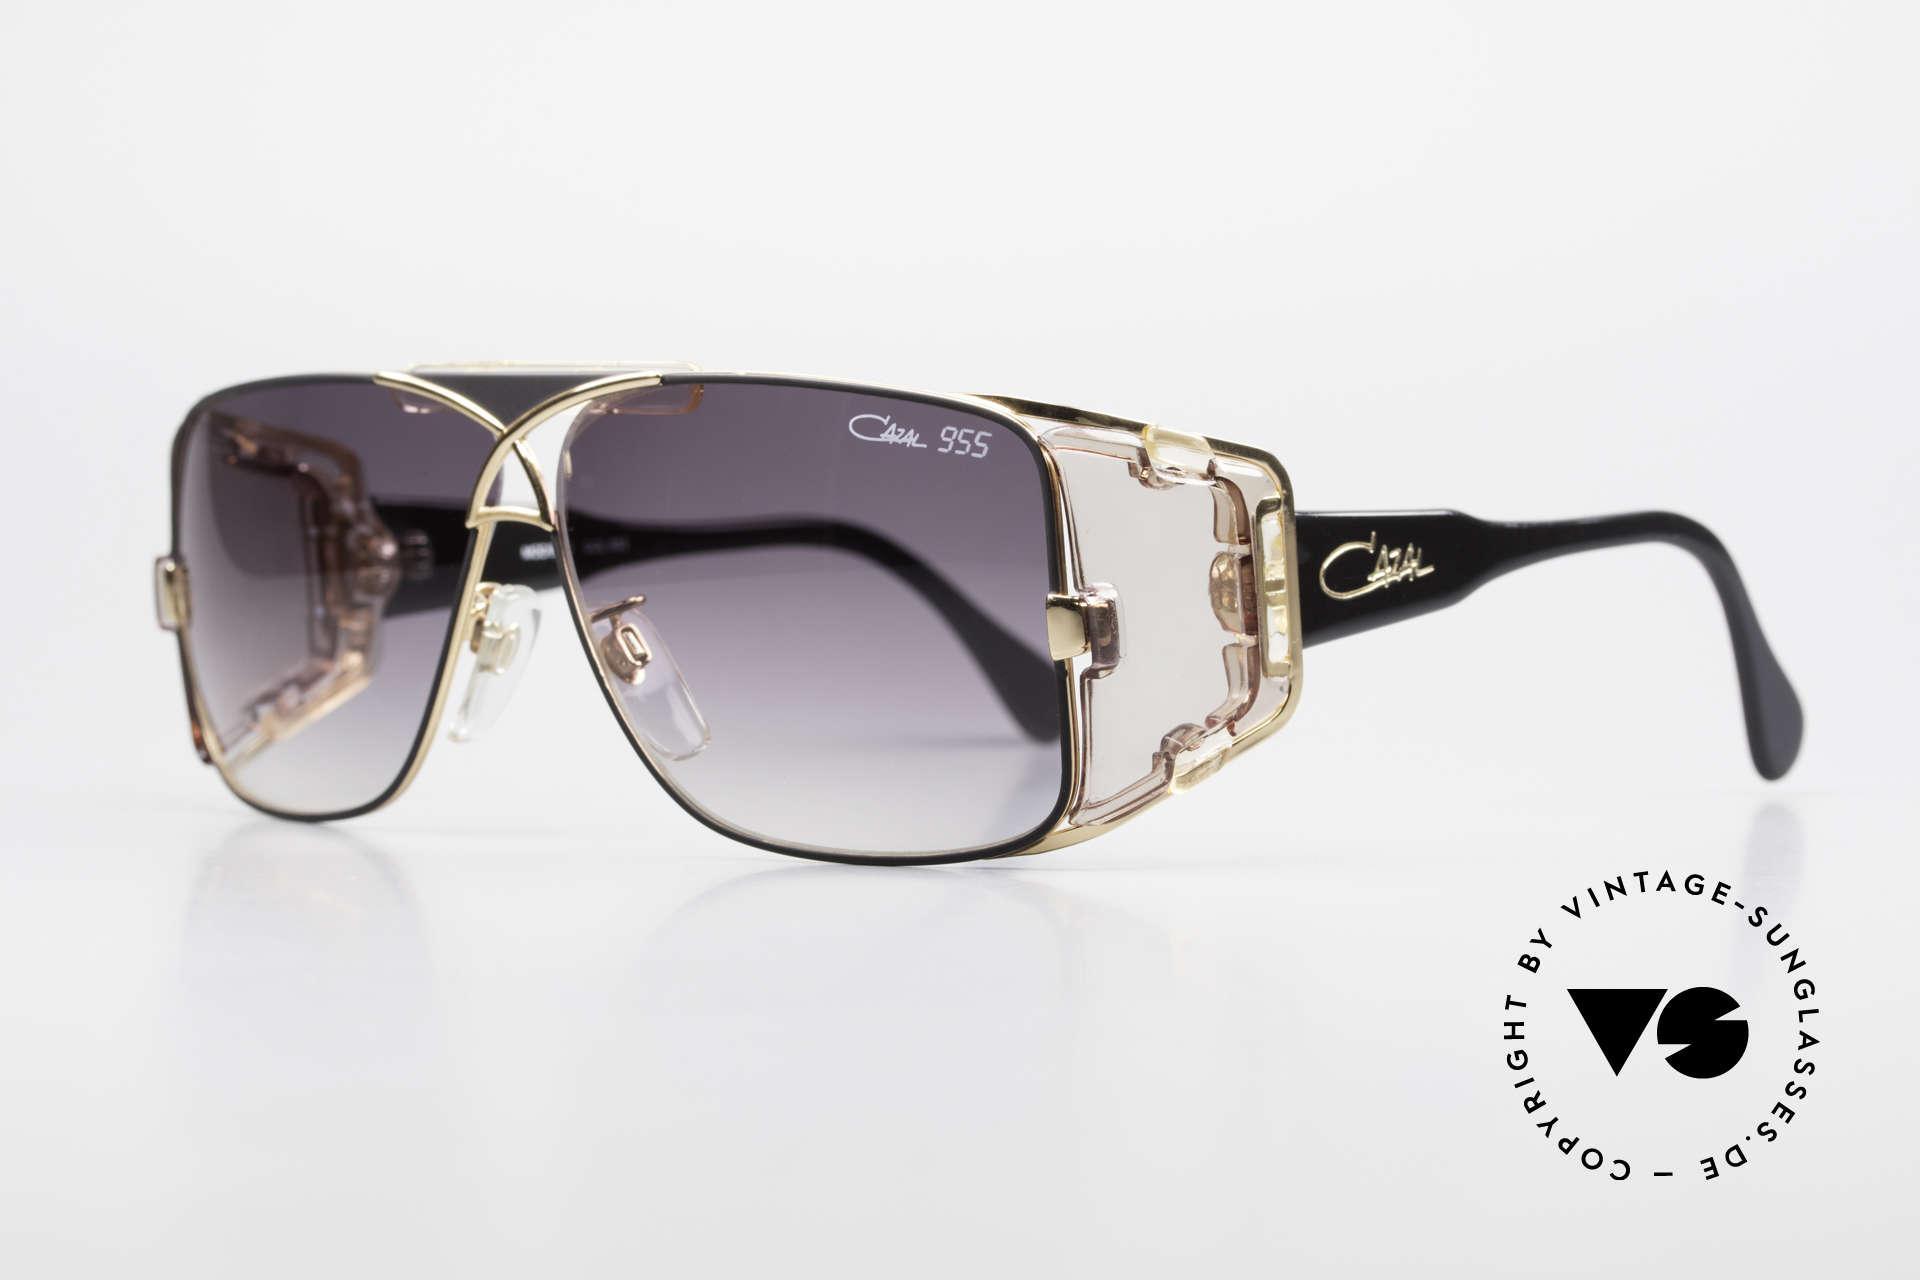 Cazal 955 80er Hip Hop Sonnenbrille, grandiose Schöpfung von CAri ZALloni (Mr. CAZAL), Passend für Herren